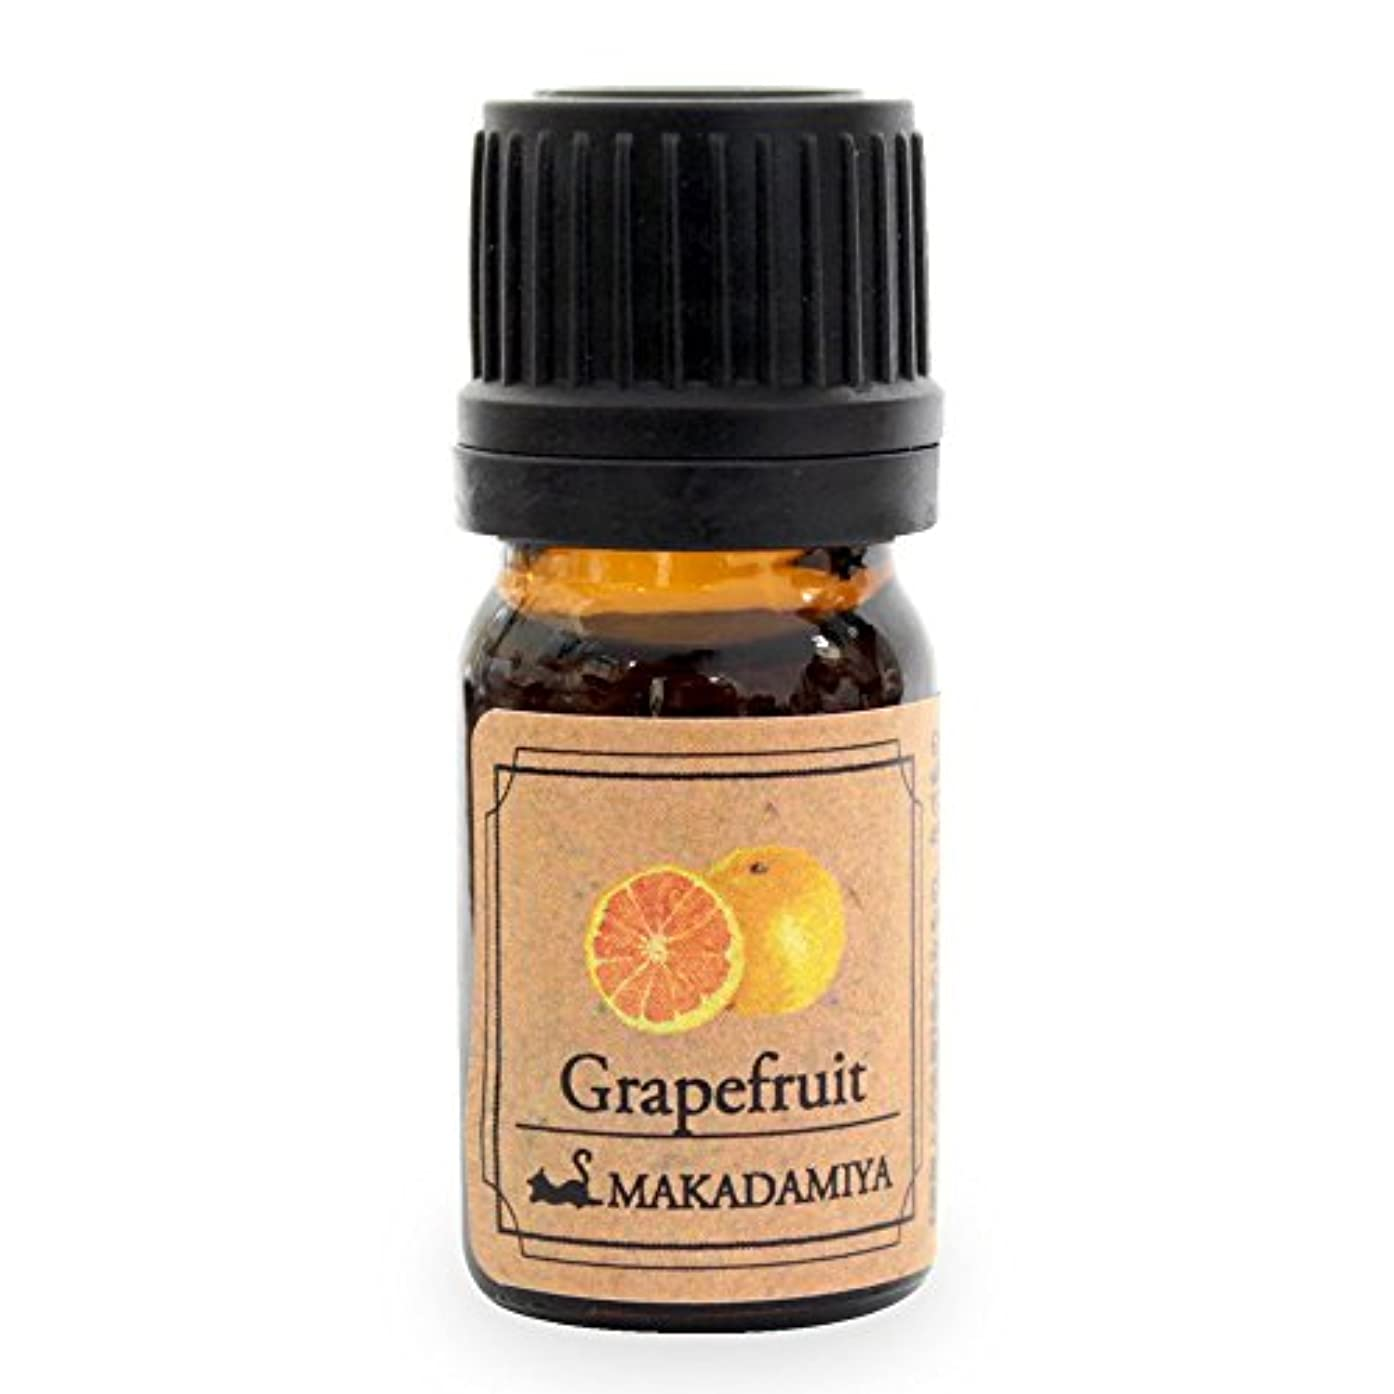 聞きますオーロック有毒なグレープフルーツ5ml 天然100%植物性 エッセンシャルオイル(精油) アロマオイル アロママッサージ aroma Grapefruit